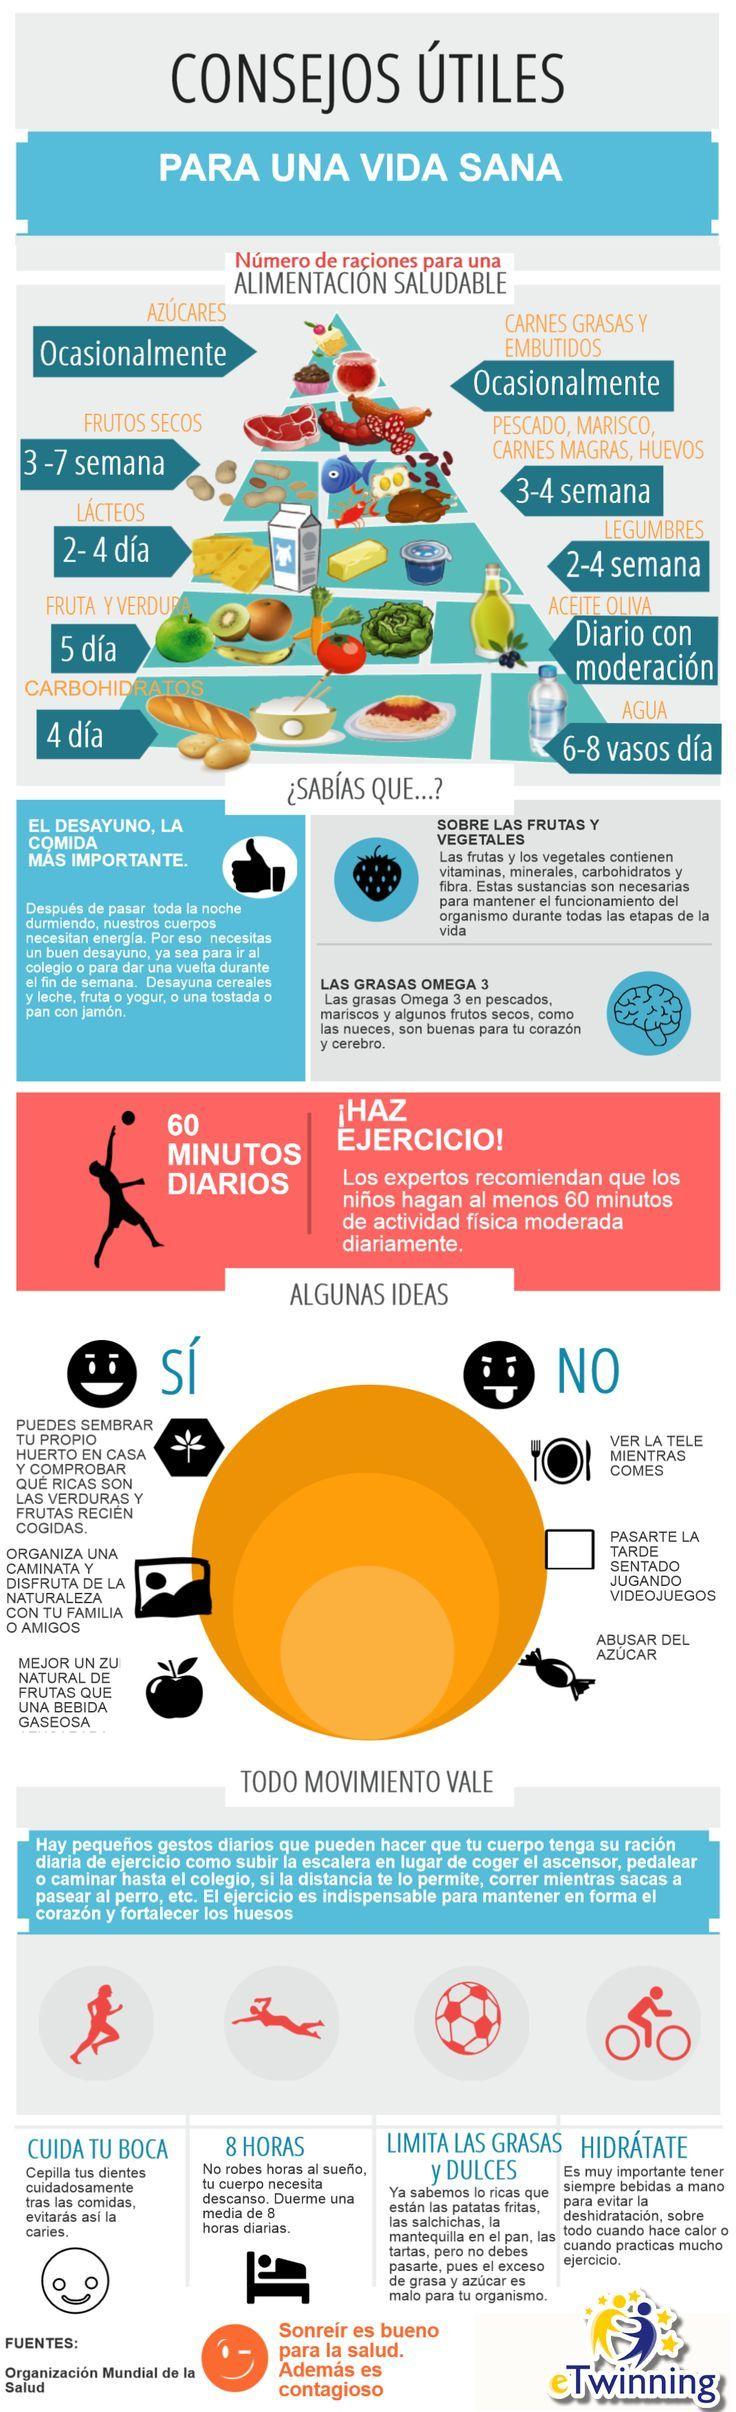 Consejos útiles para una vida saludable #salud #estudiantes #umayor: